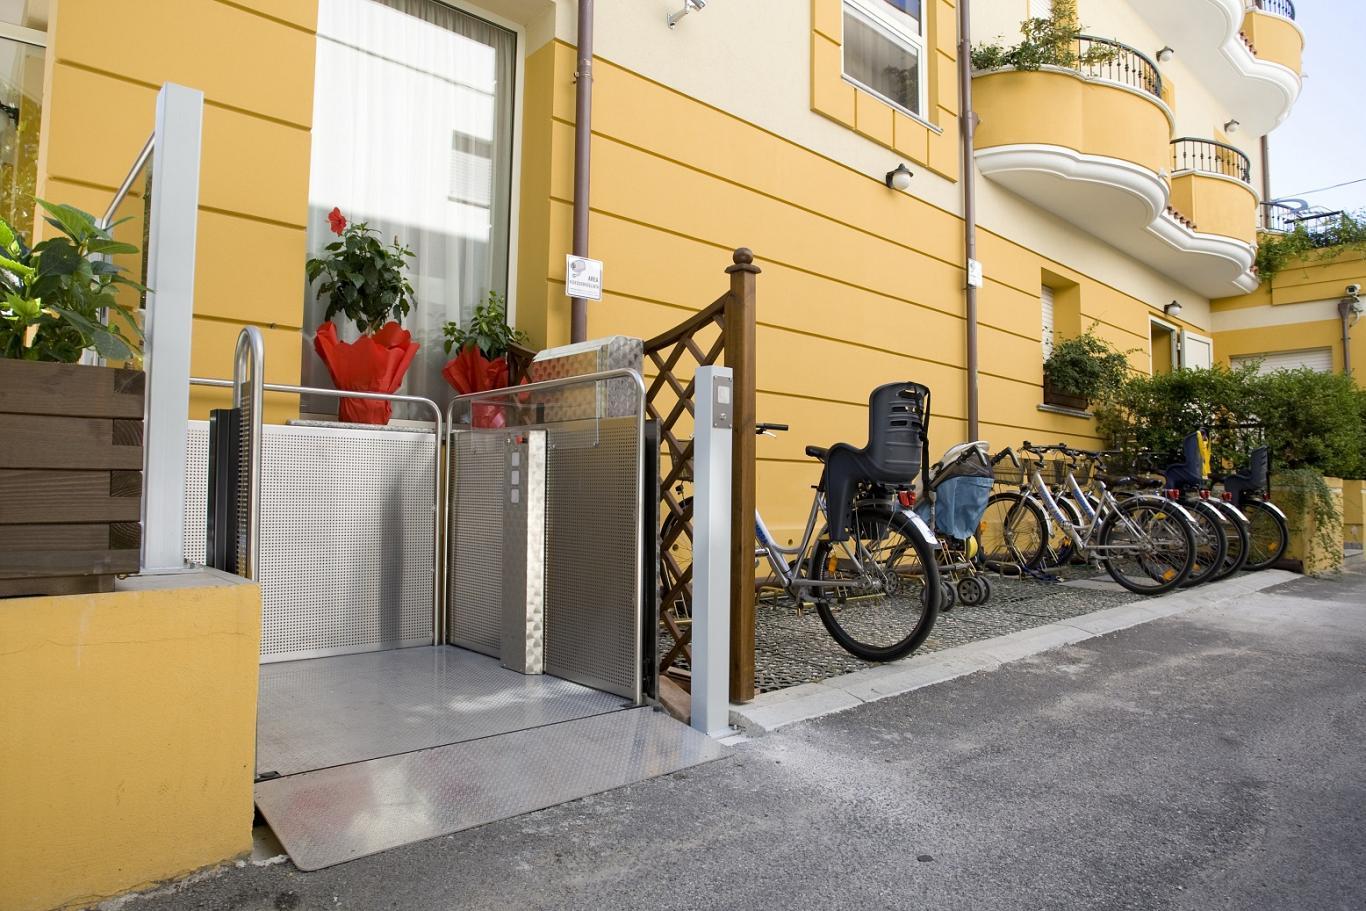 Der Behindertenlift Silver bietet einen barrierefreien Zugang für Rollstuhlfahrer in Gebäude